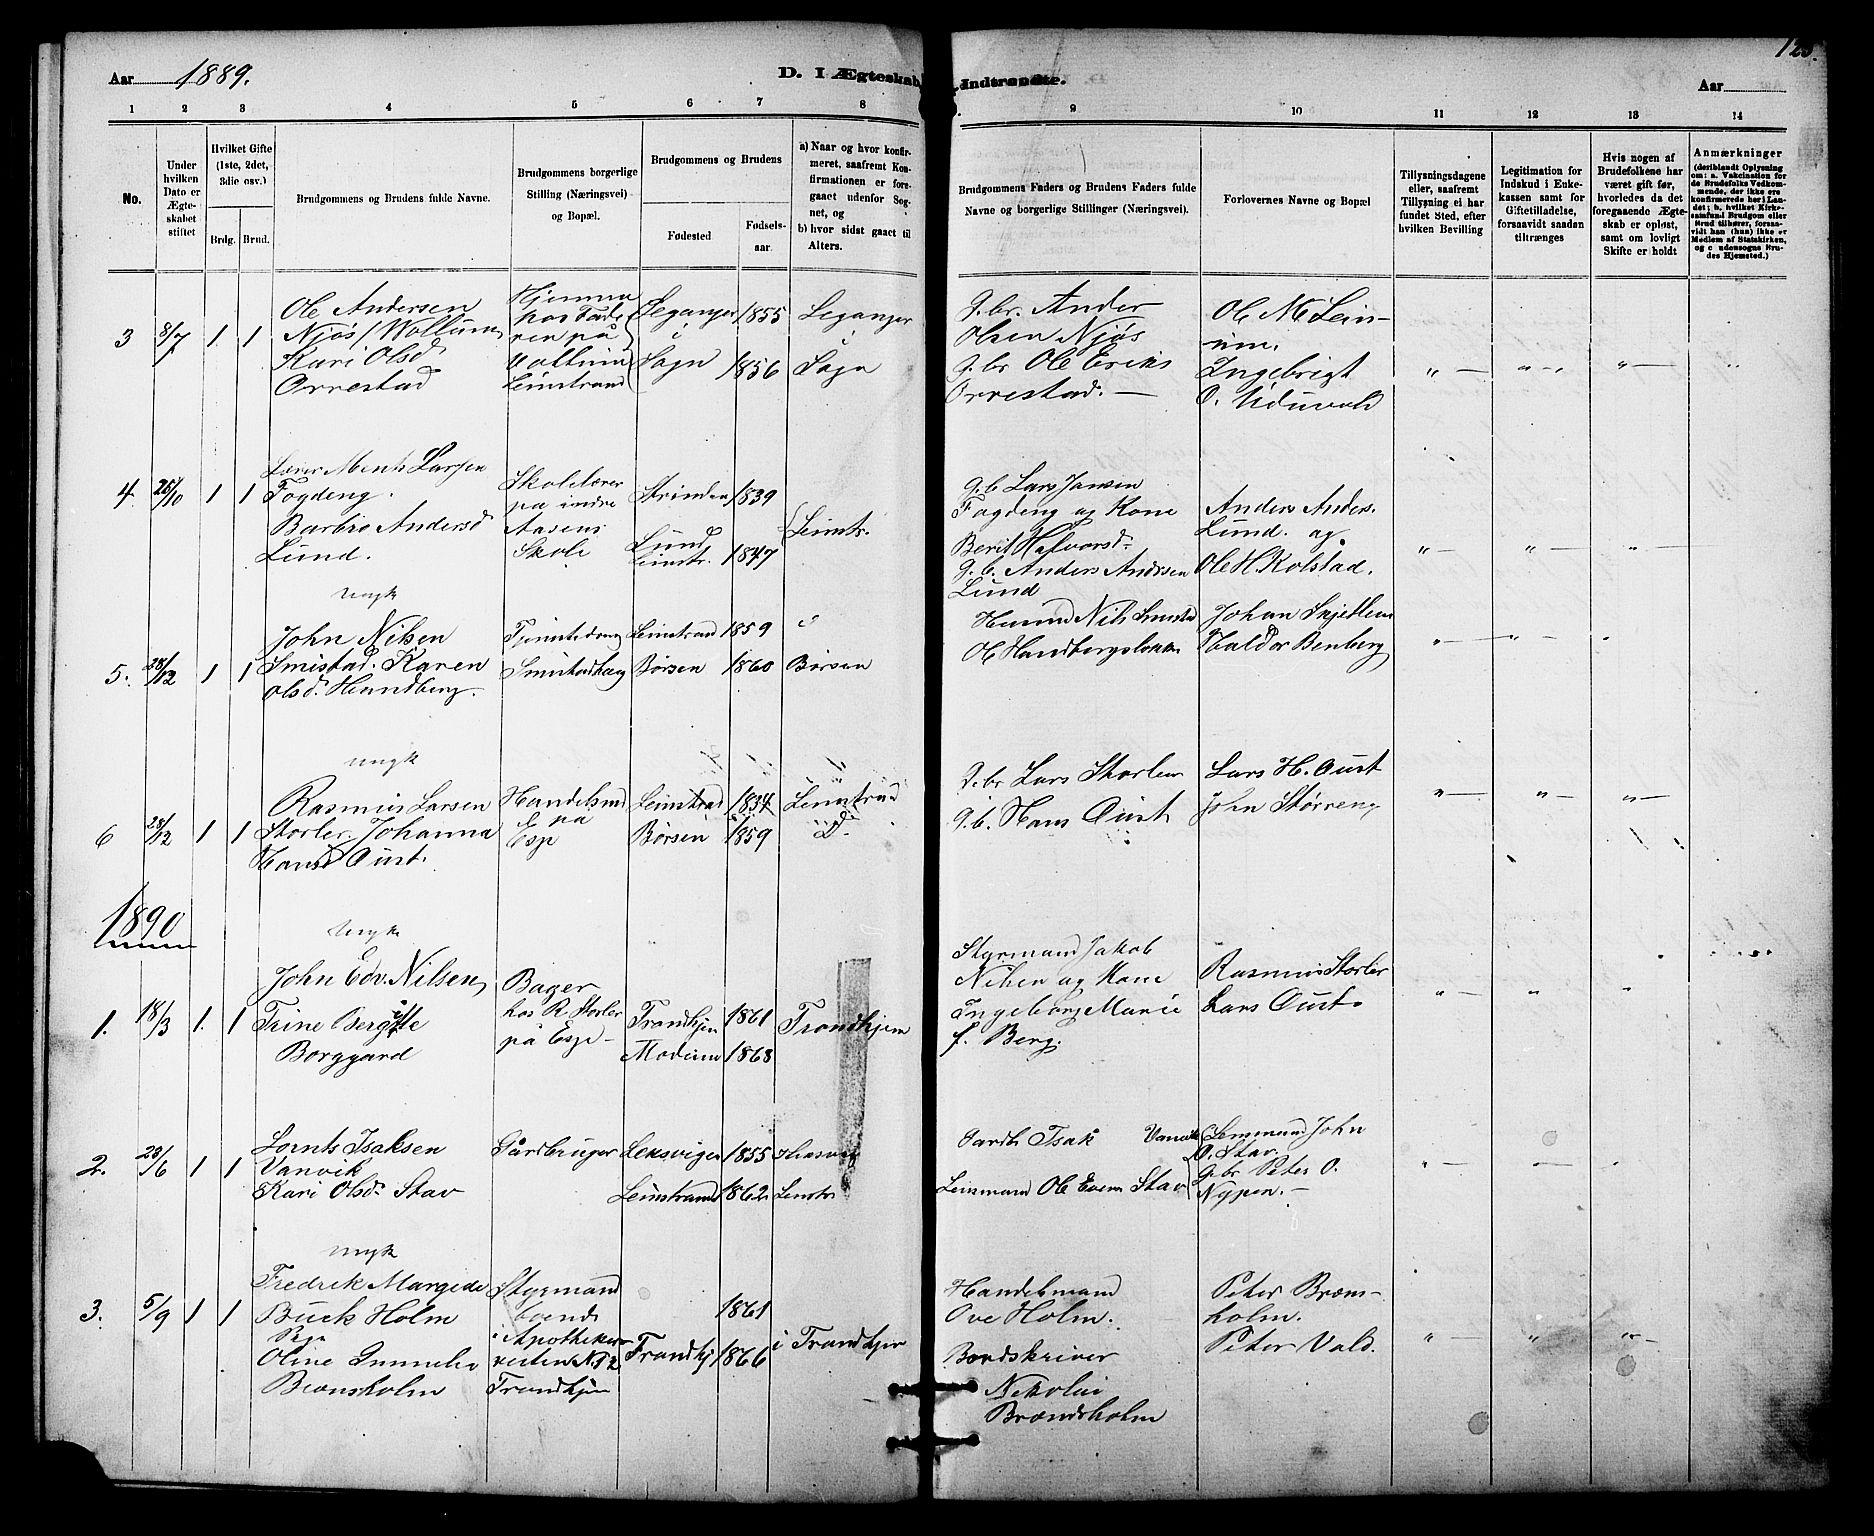 SAT, Ministerialprotokoller, klokkerbøker og fødselsregistre - Sør-Trøndelag, 613/L0395: Klokkerbok nr. 613C03, 1887-1909, s. 125